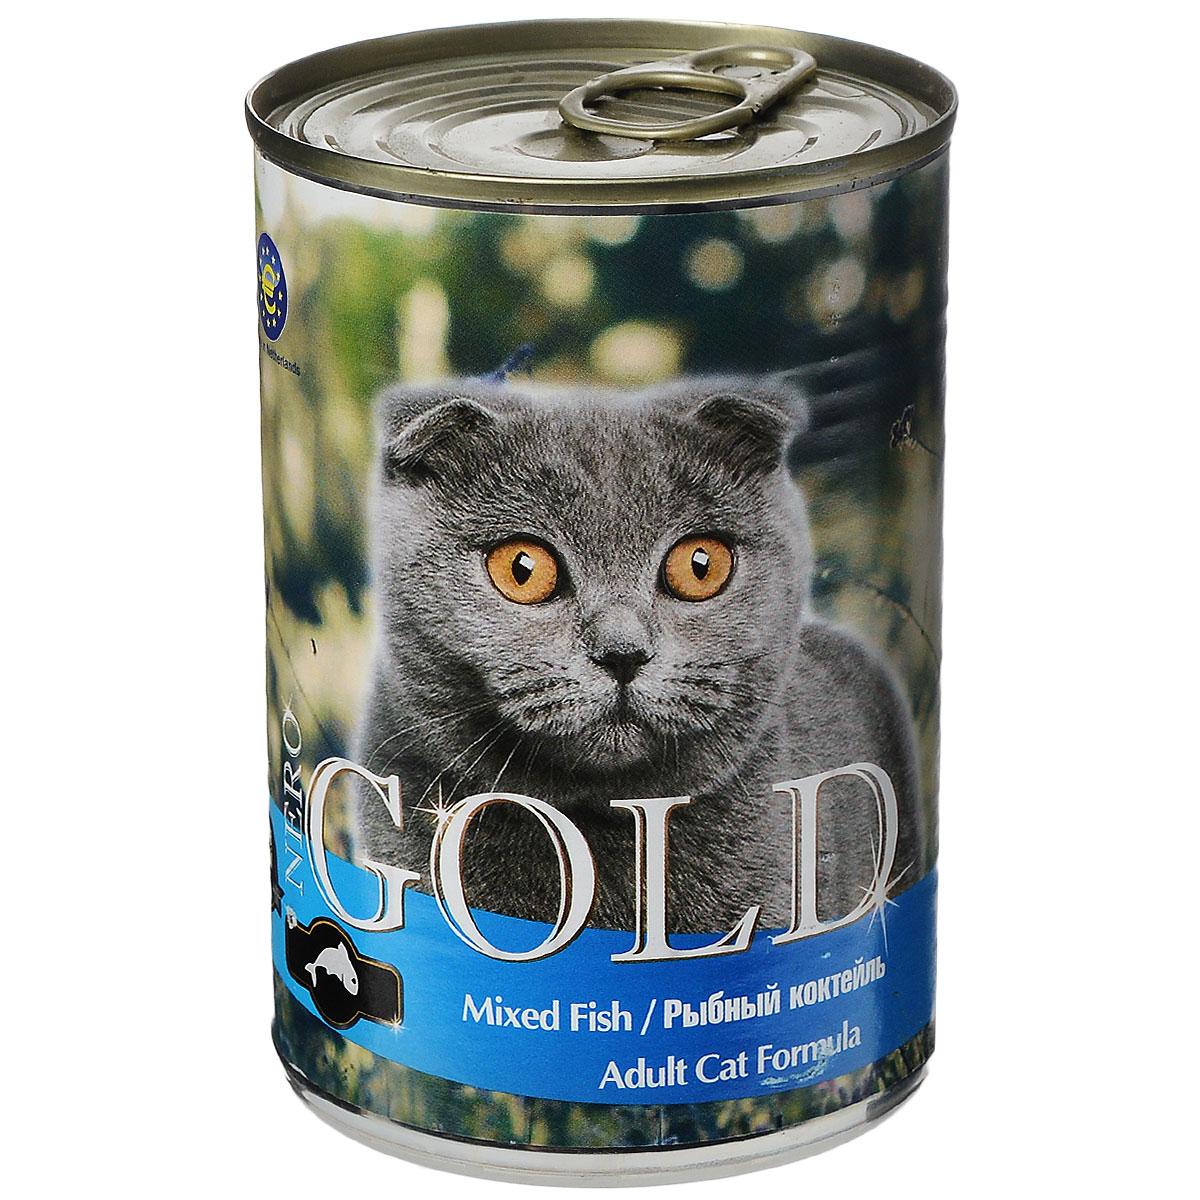 Консервы для кошек Nero Gold, рыбный коктейль, 410 г20254Консервы для кошек Nero Gold - полнорационный продукт, содержащий все необходимые витамины и минералы, сбалансированный для поддержания оптимального здоровья вашего питомца! Состав: мясо и его производные, филе курицы, филе рыбы, злаки, витамины и минералы. Гарантированный анализ: белки 6%, жиры 4,5%, клетчатка 0,5%, зола 2%, влага 81%.Пищевые добавки на 1 кг продукта: витамин А 1600 МЕ, витамин D 140 МЕ, витамин Е 10 МЕ, таурин 300 мг, железо 24 мг, марганец 6 мг, цинк 15 мг, медь 1 мг, магний 200 мг, йод 0,3 мг, селен 0,2 мг.Вес: 410 г. Товар сертифицирован.